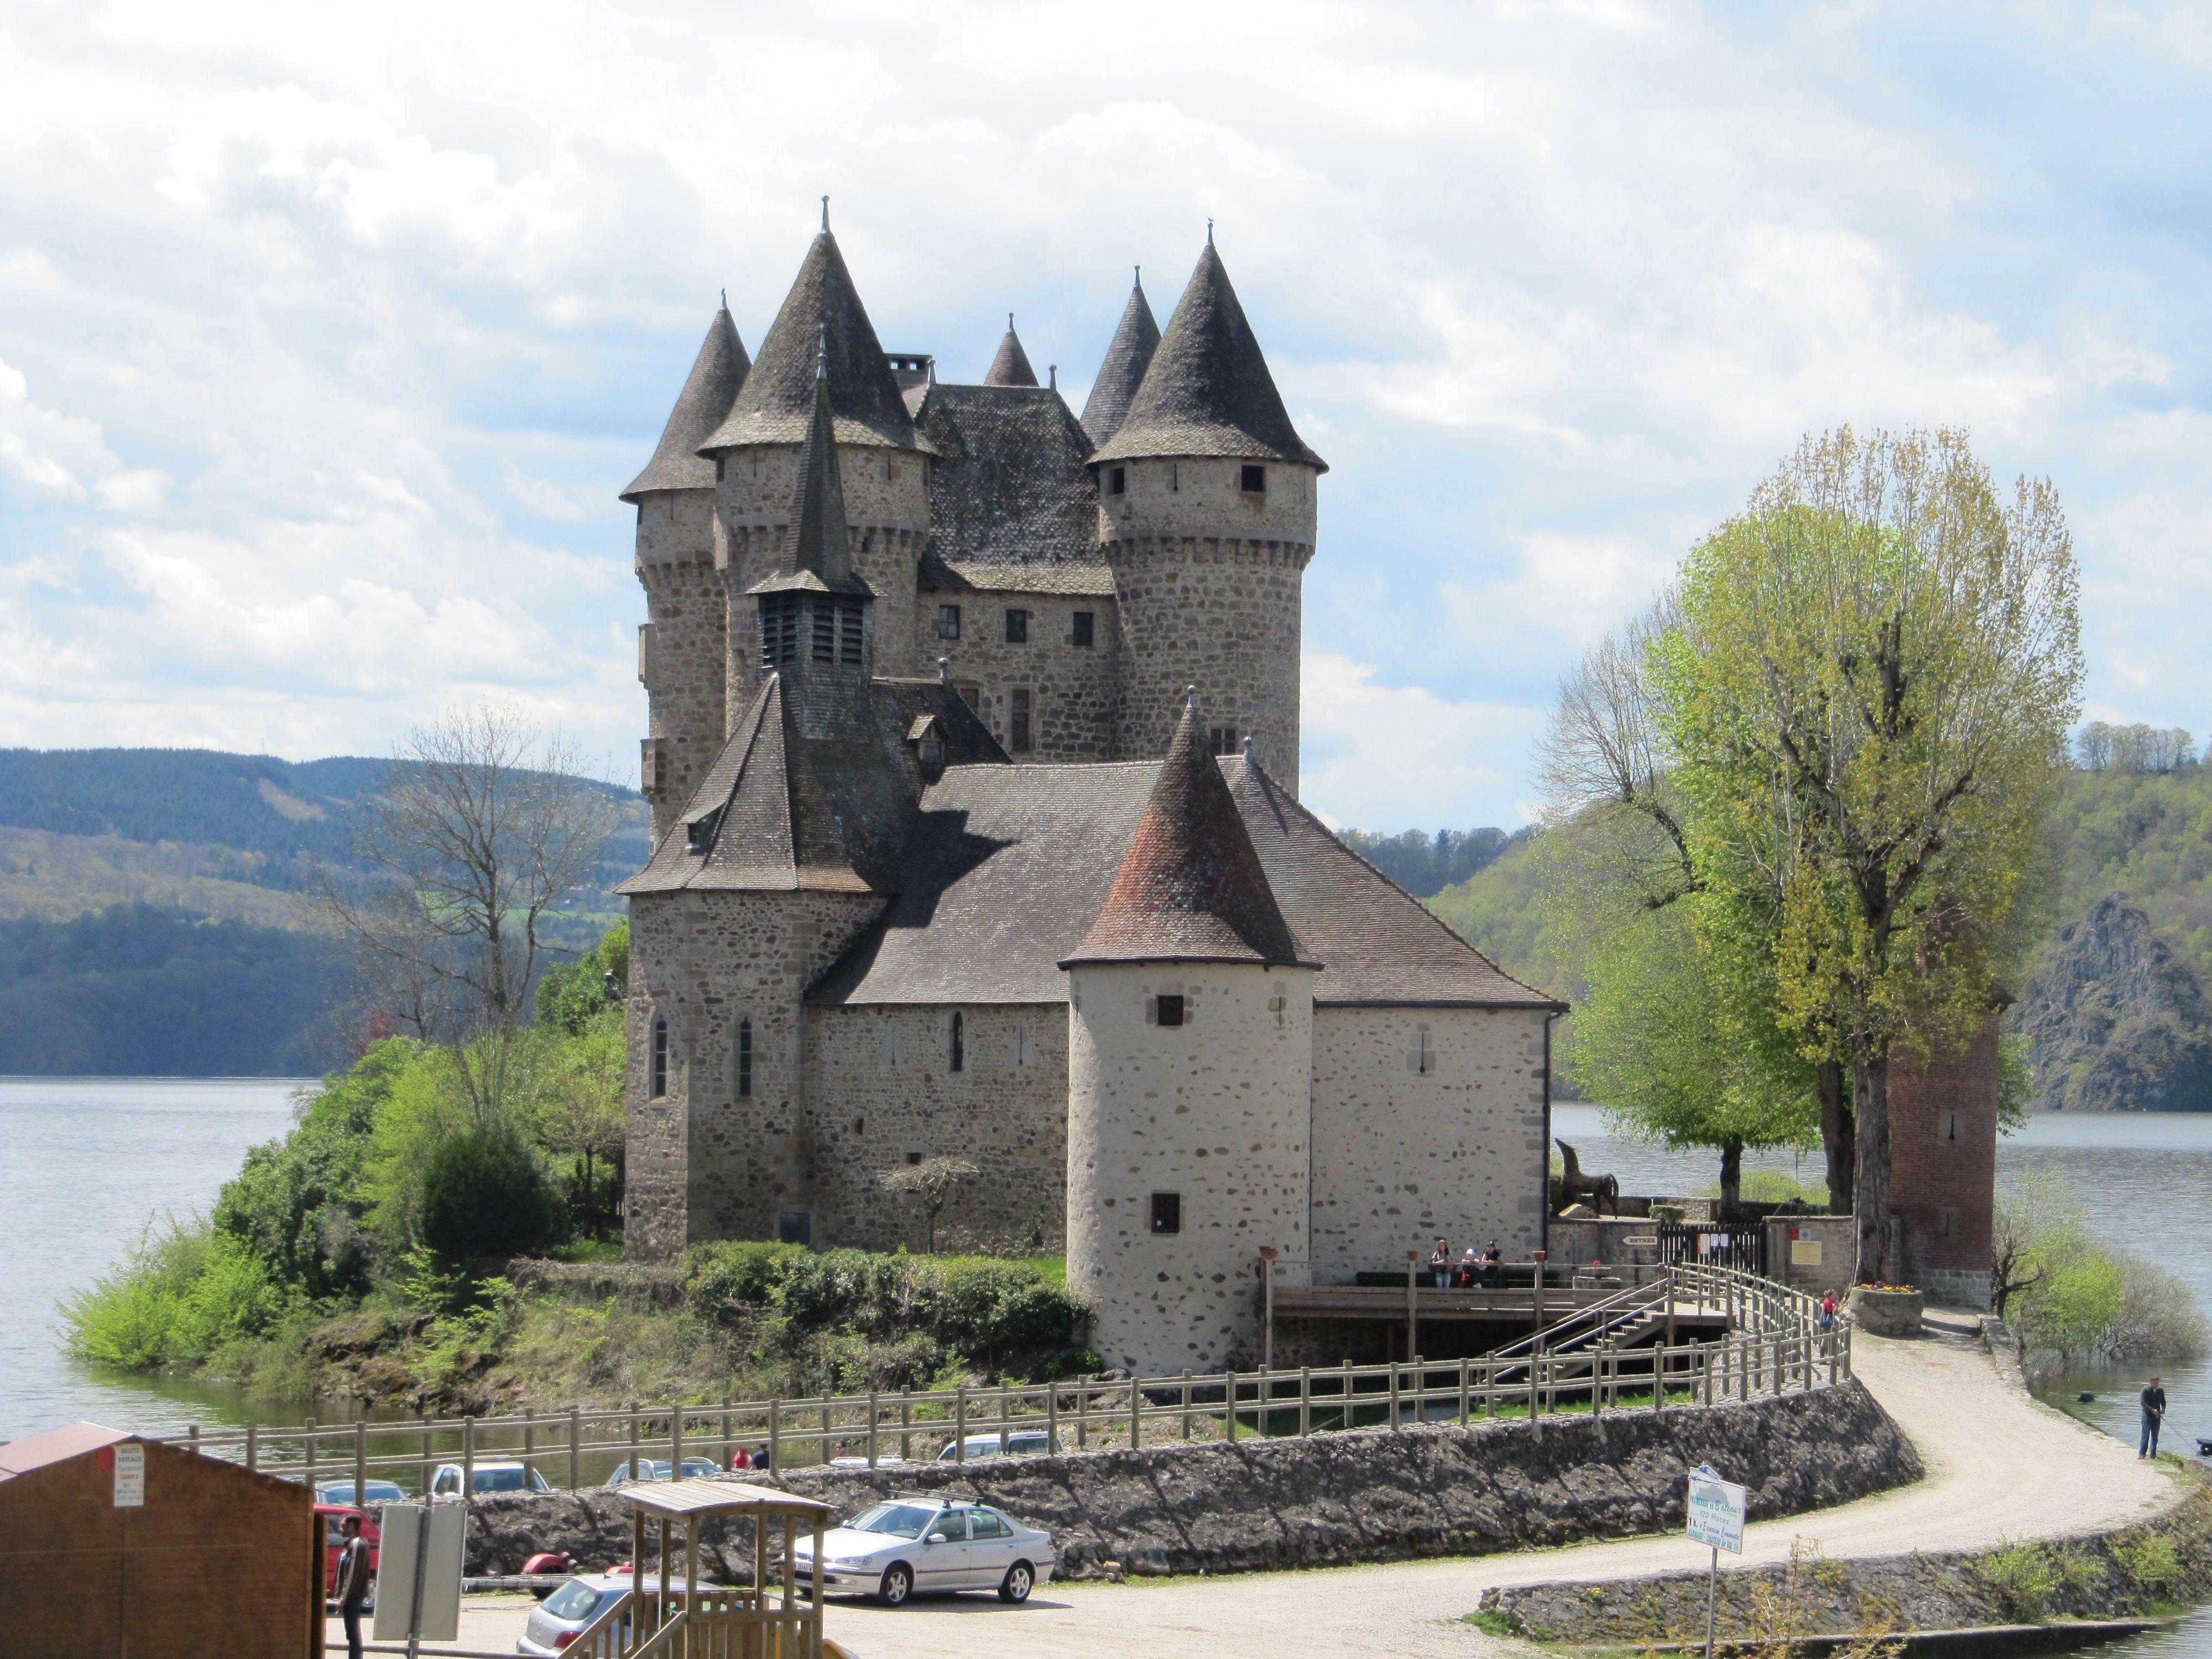 Bort-les-Orgues (19. Corrèze) - Castle of Val / Schloss von Val / Château de Val